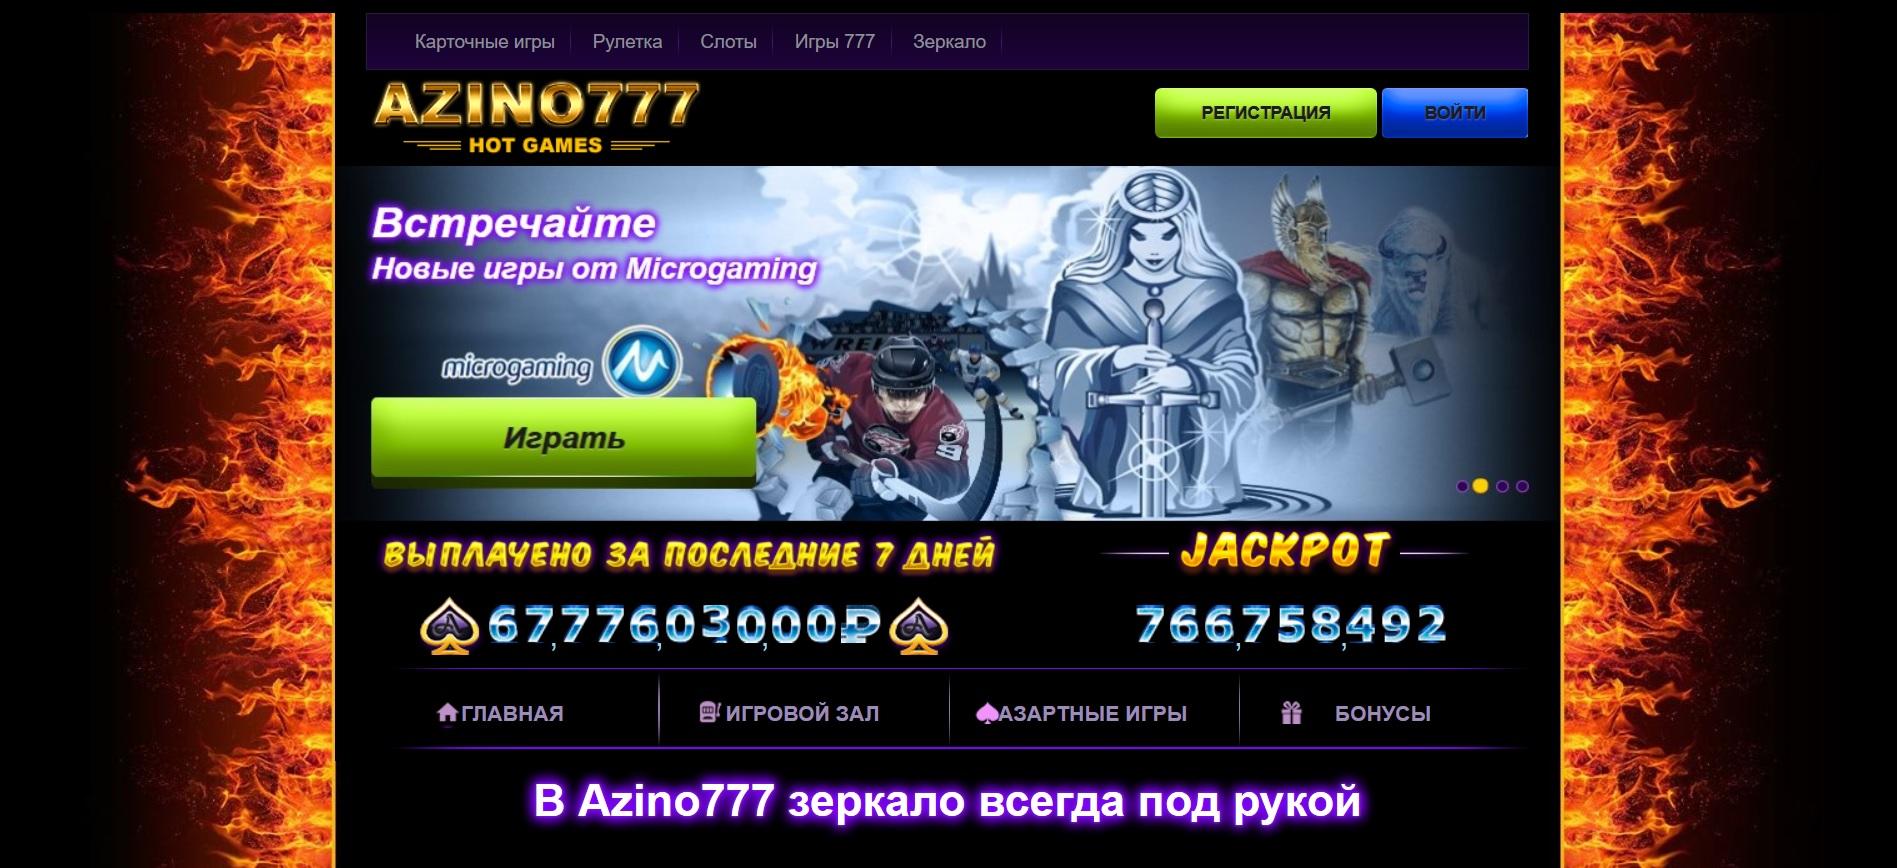 официальный сайт азино 777 отзовик